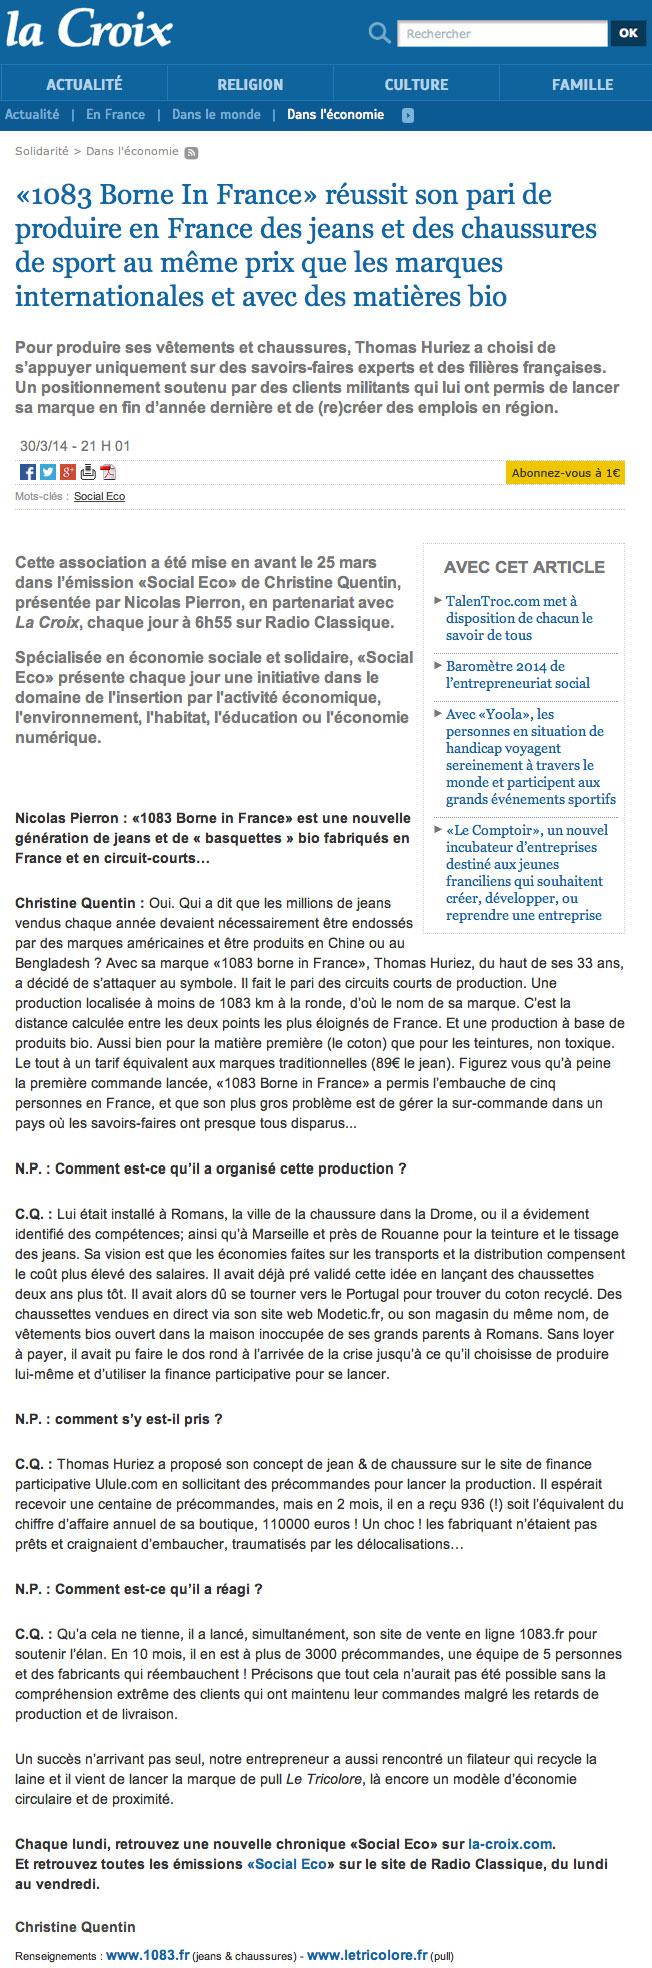 20140330_la-croix.com